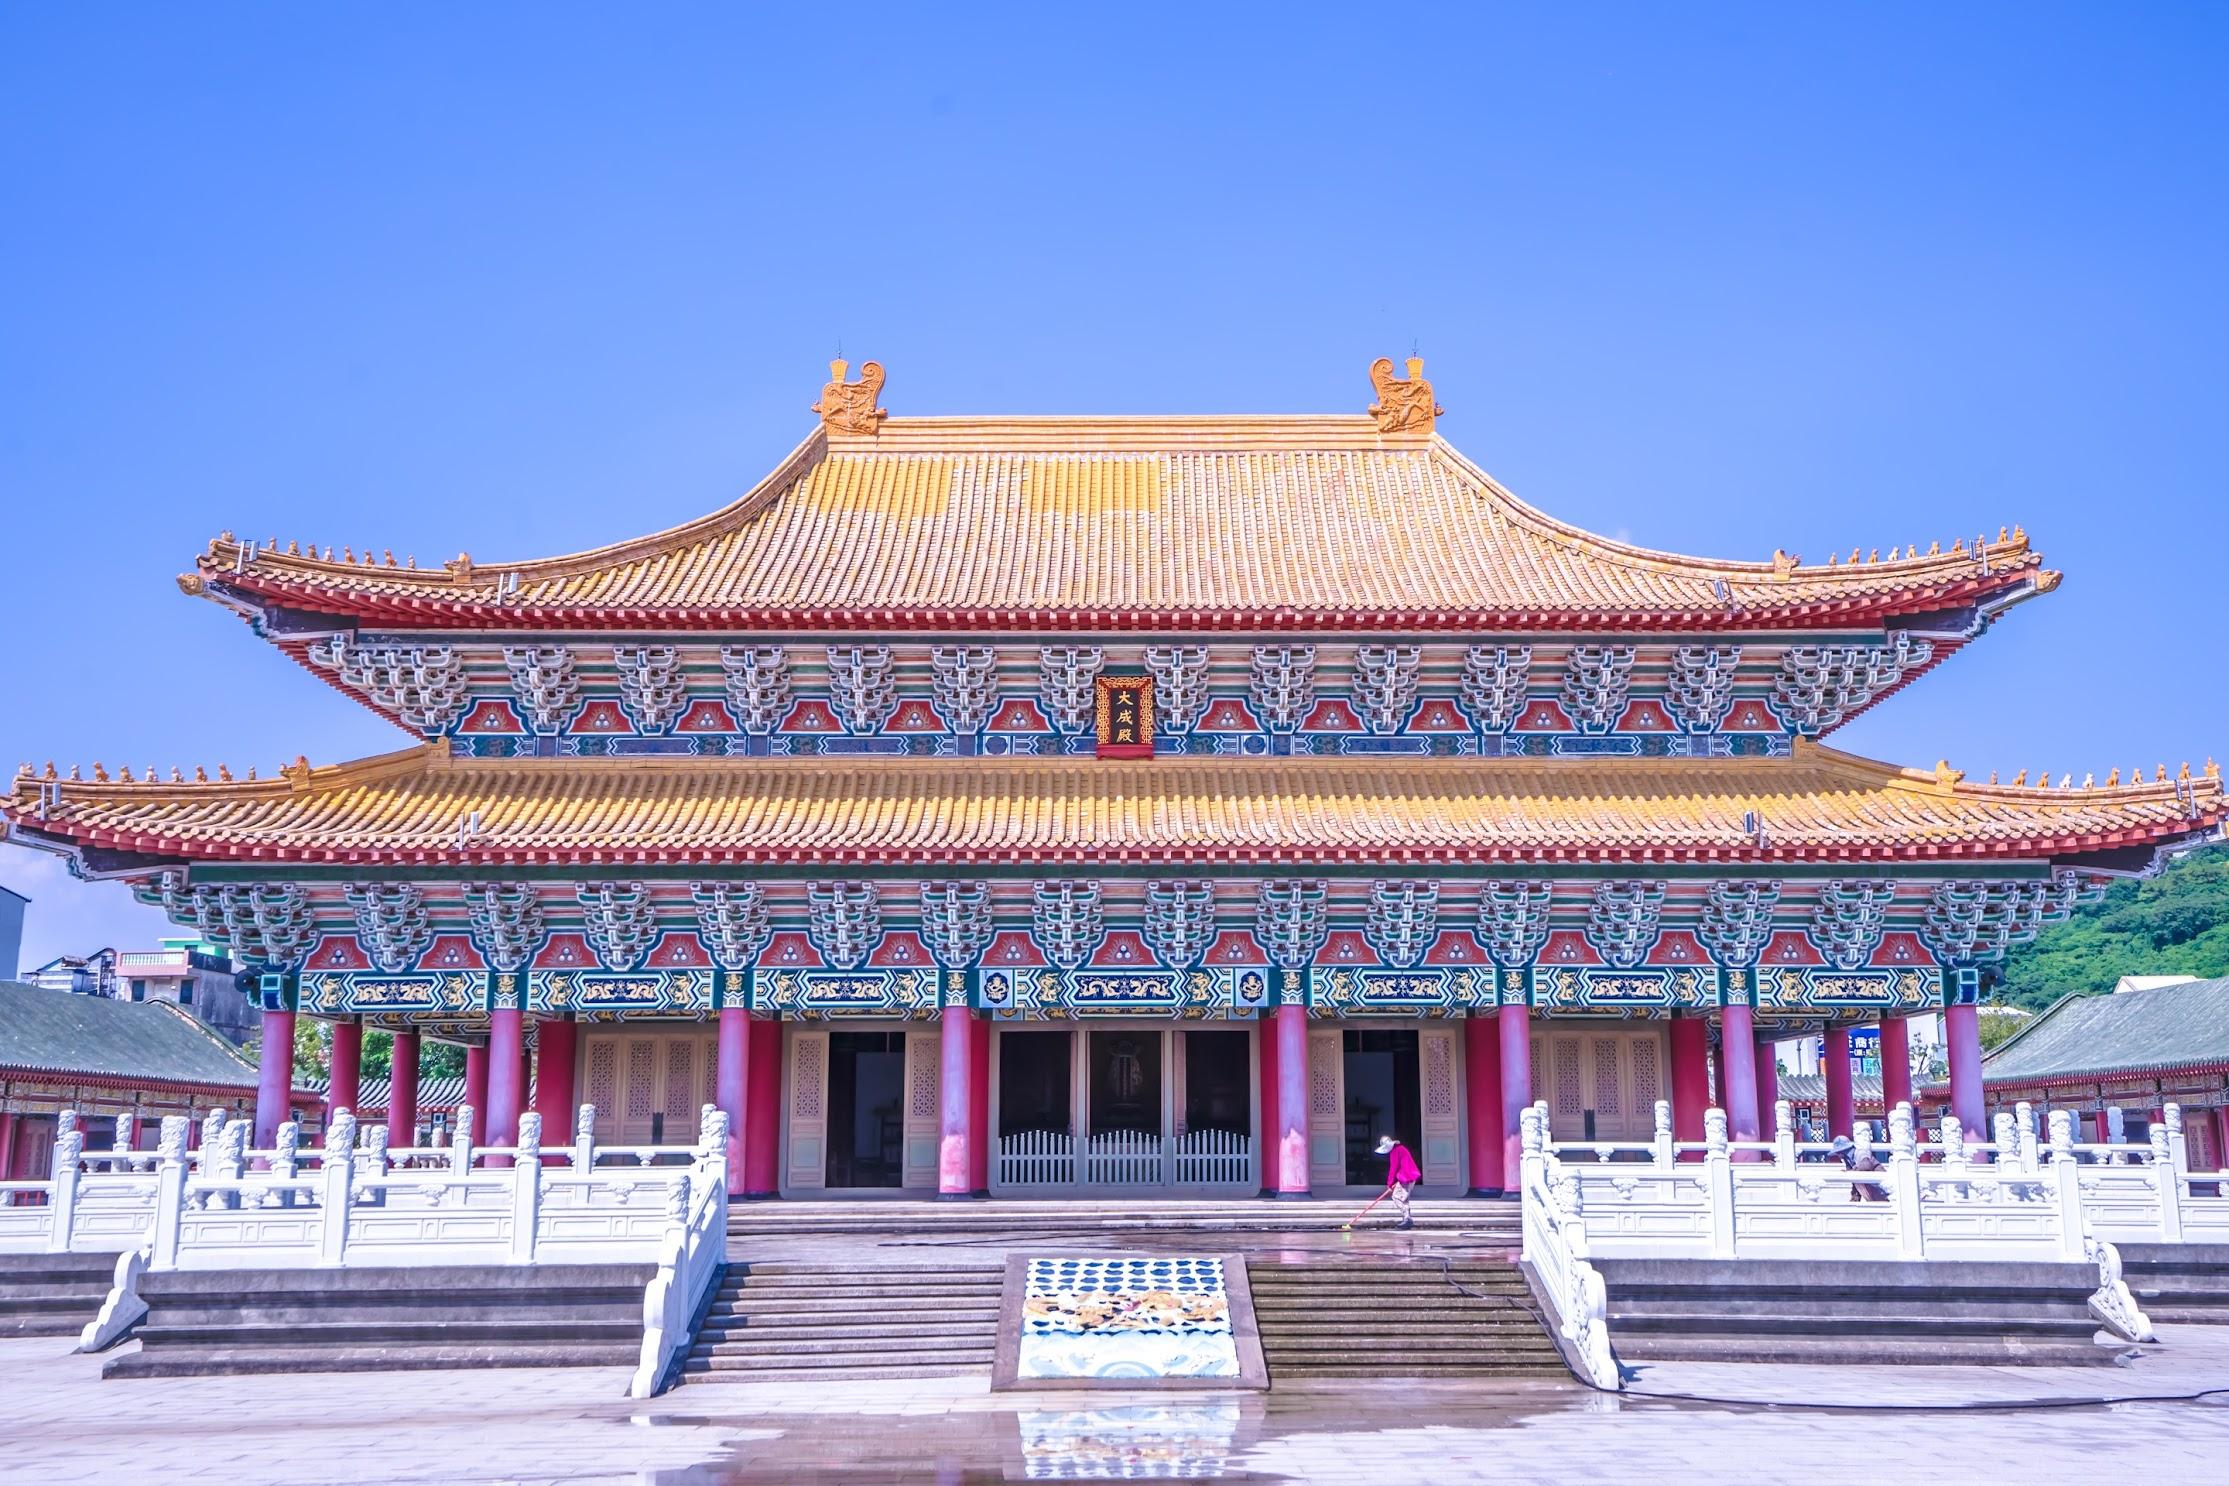 高雄 蓮池潭 孔子廟2